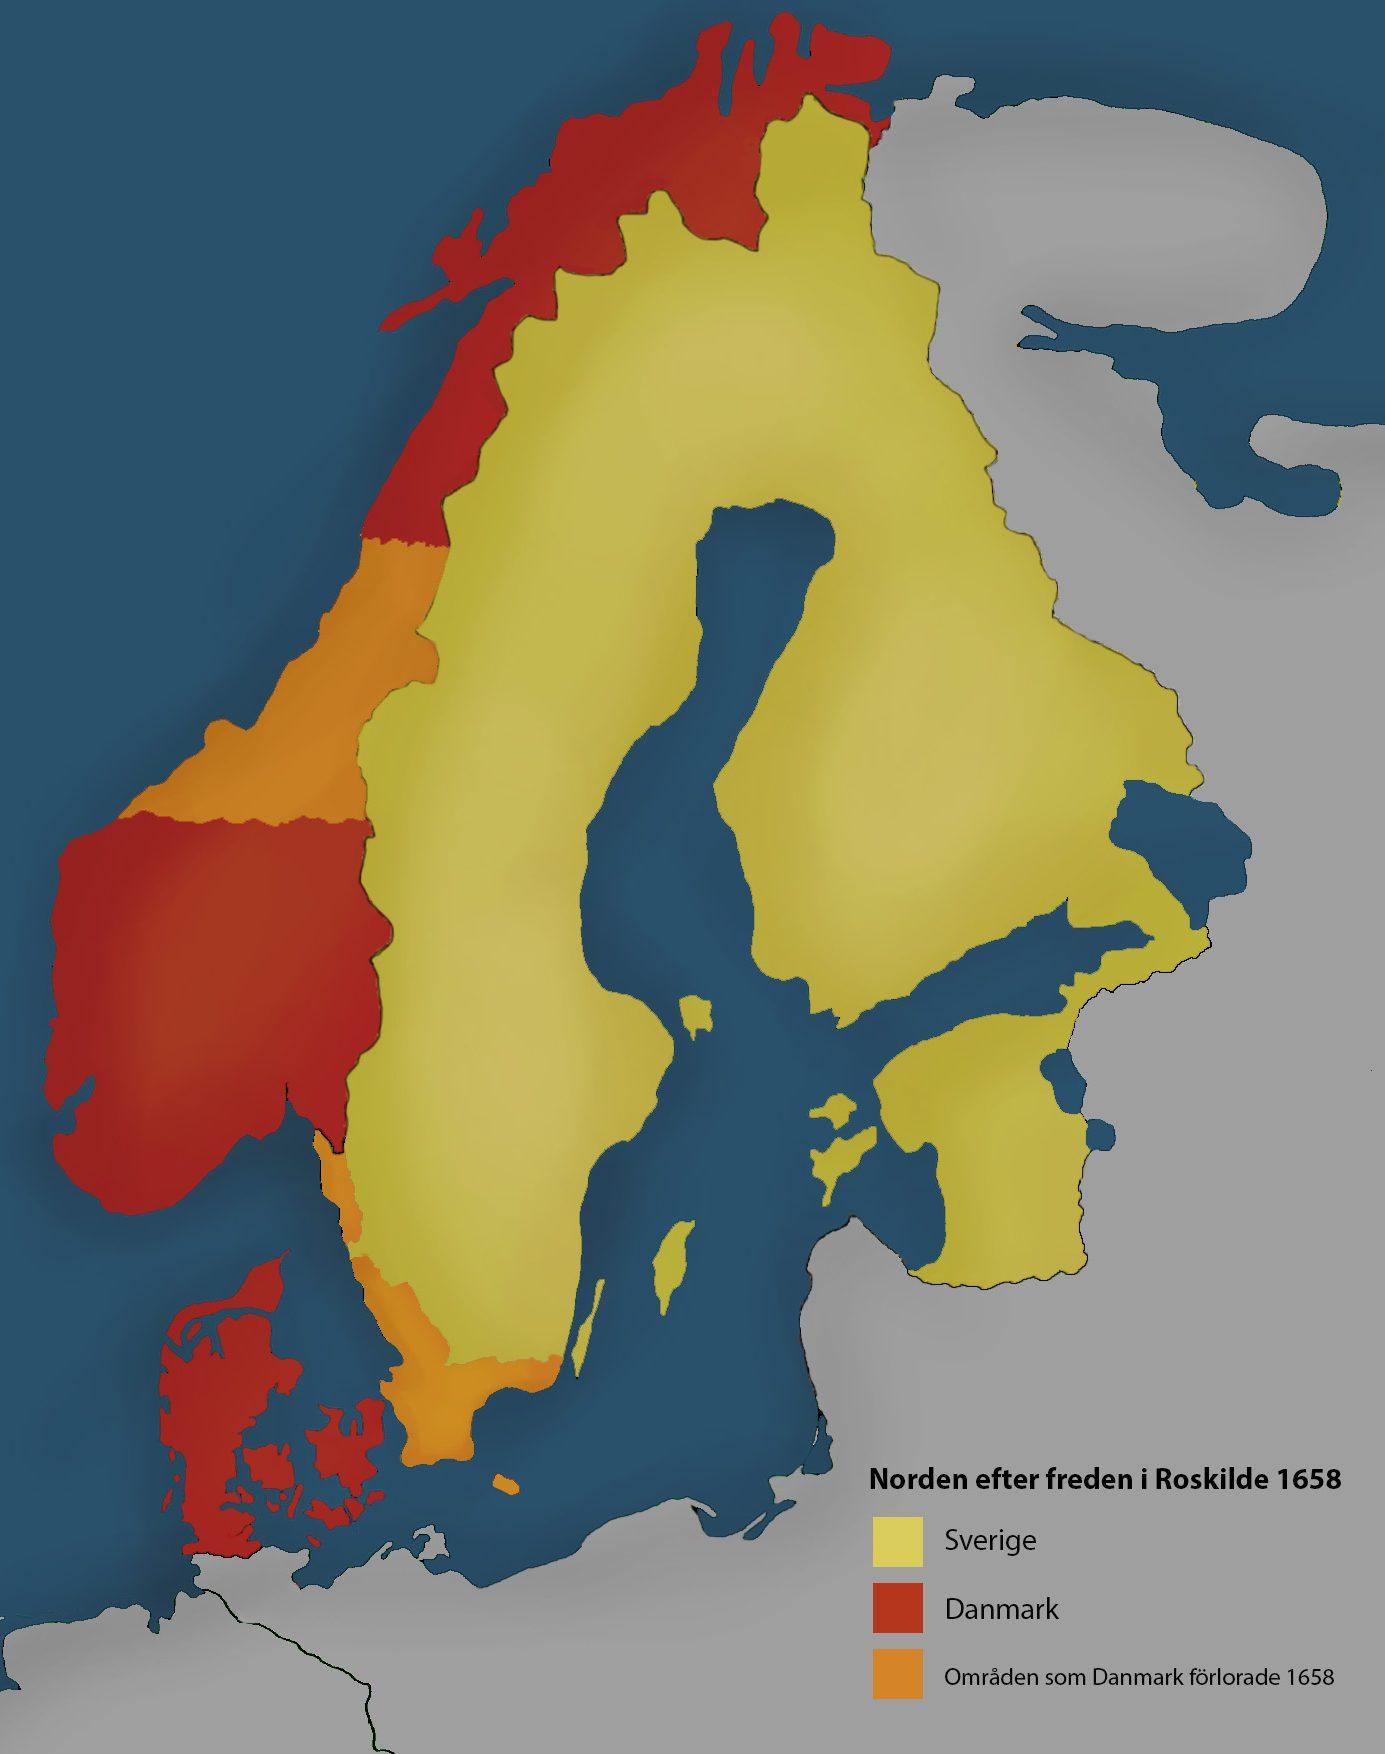 En karta med Danmarks och Sveriges gränser under 1600-talet utmärkta.